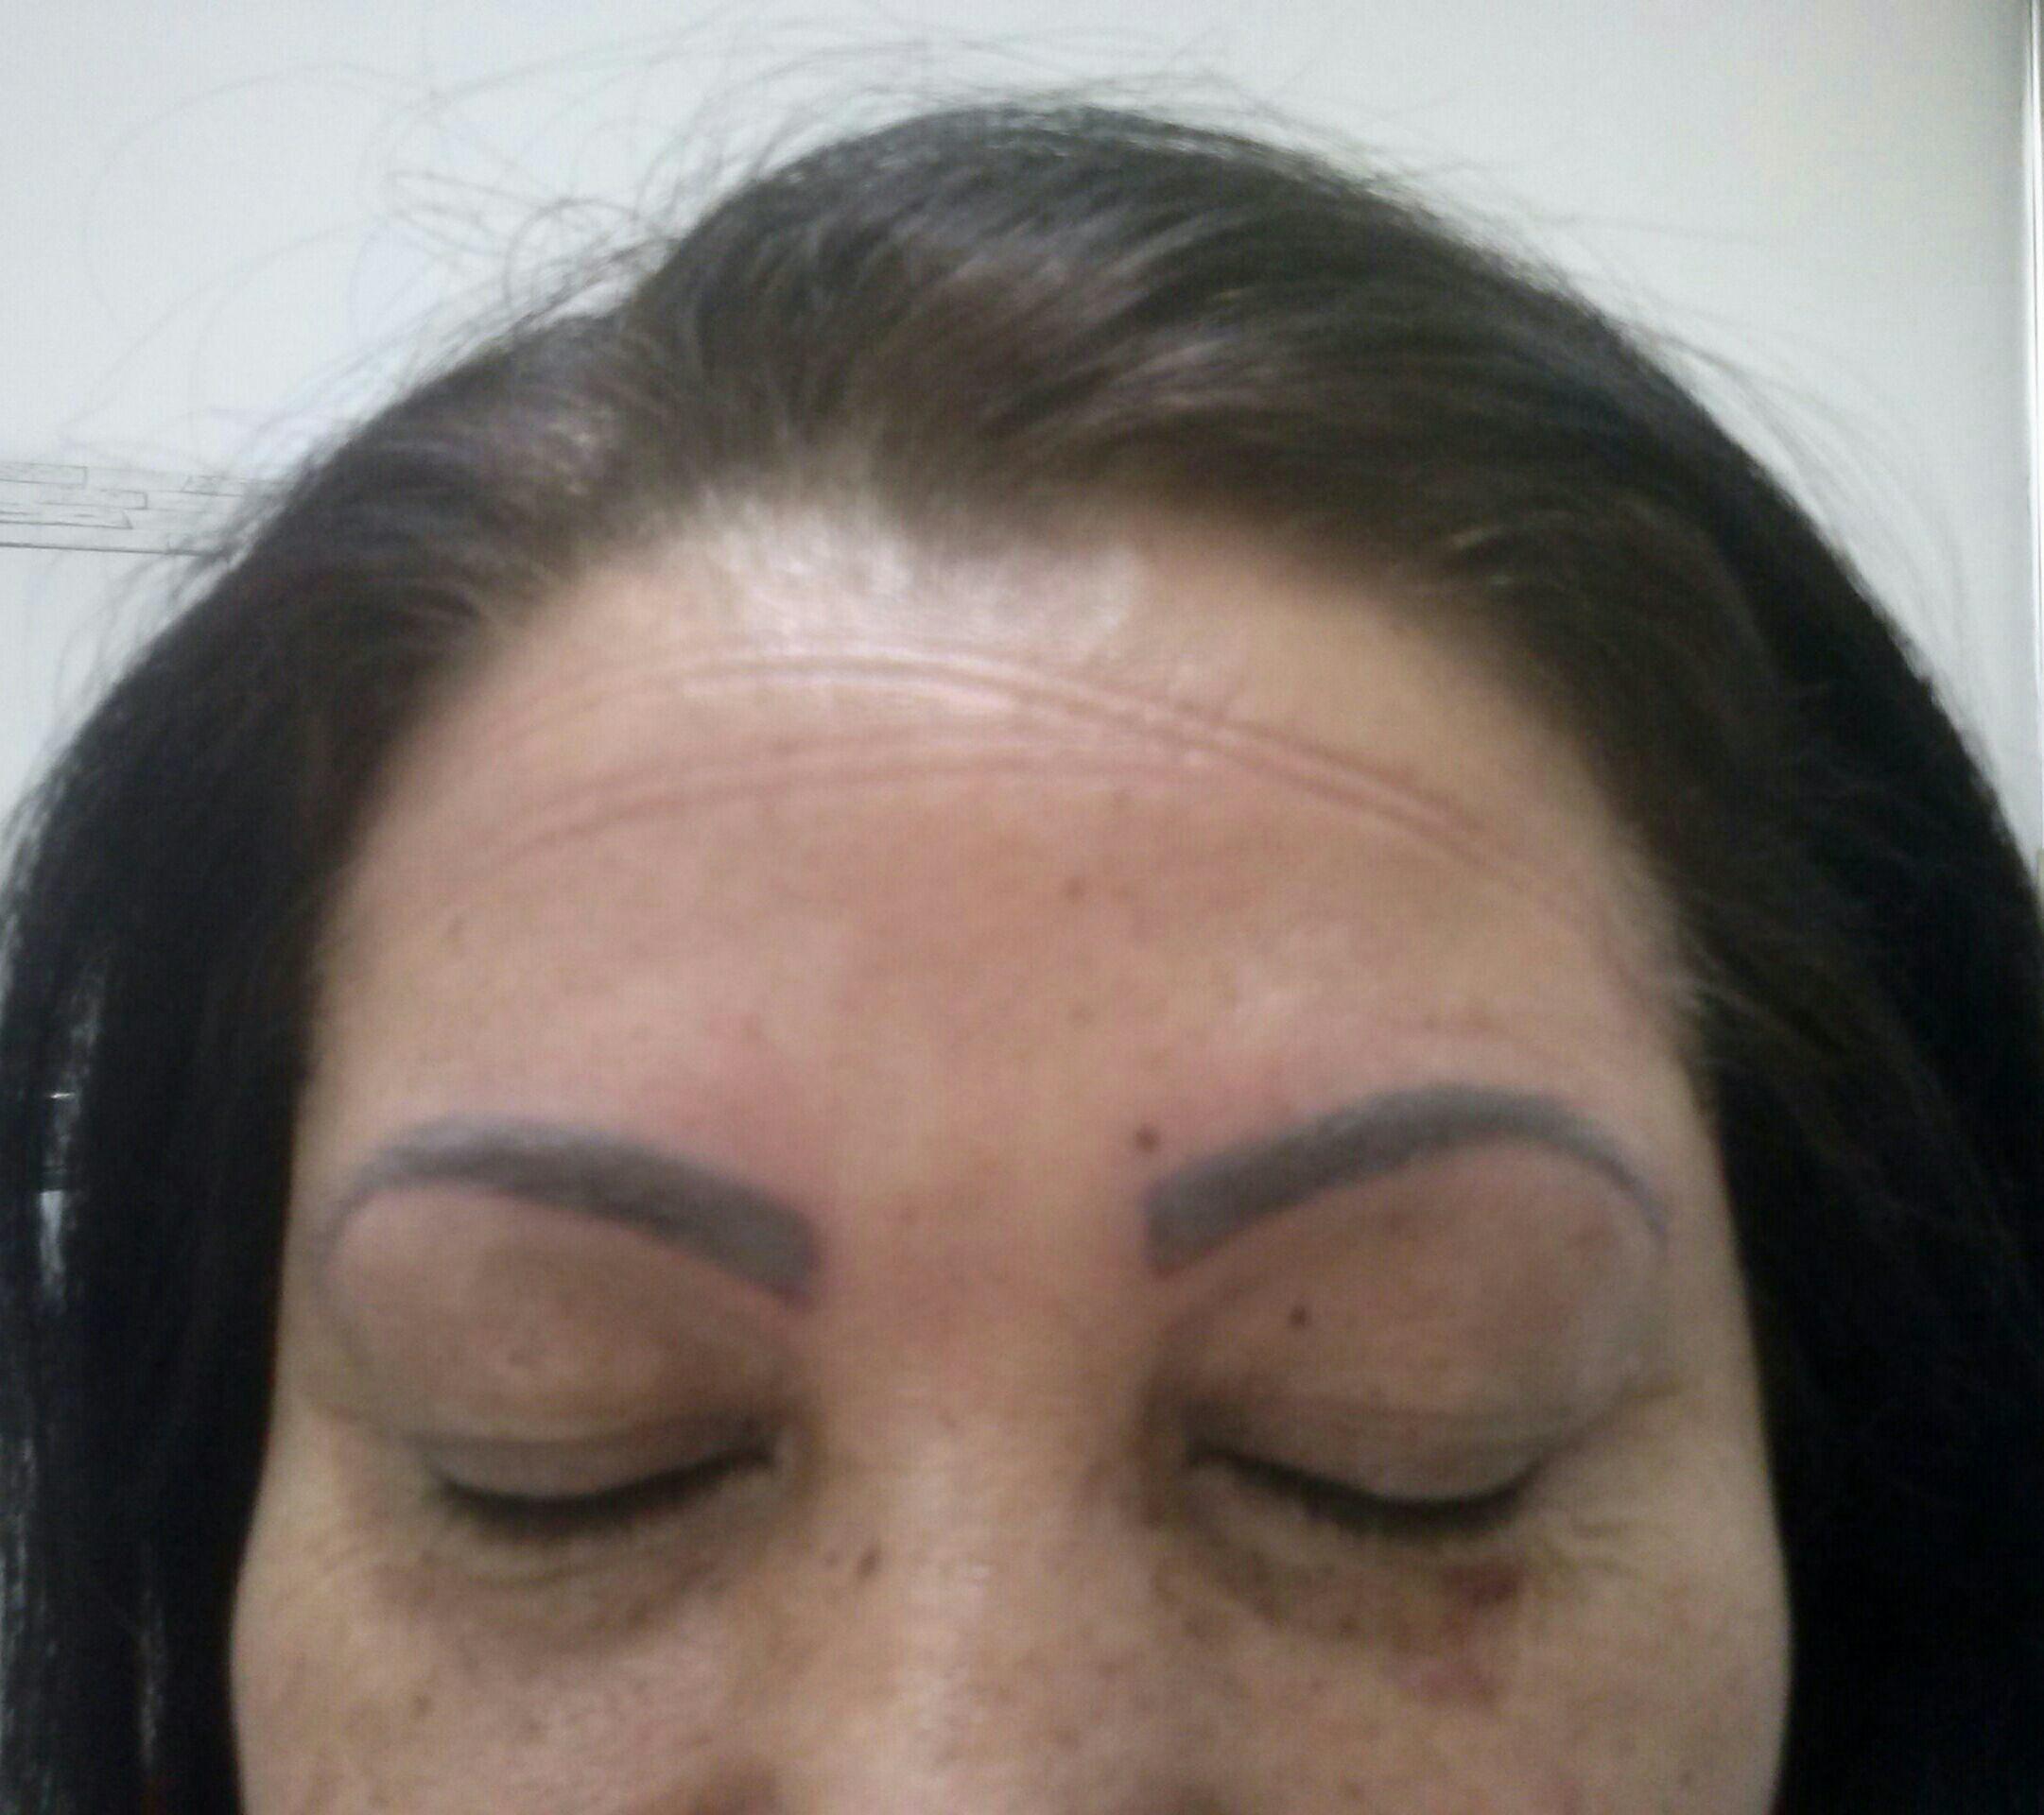 Maquiagem definitiva estética cabeleireiro(a) depilador(a) micropigmentador(a) designer de sobrancelhas esteticista maquiador(a) massagista auxiliar cabeleireiro(a) auxiliar cabeleireiro(a)